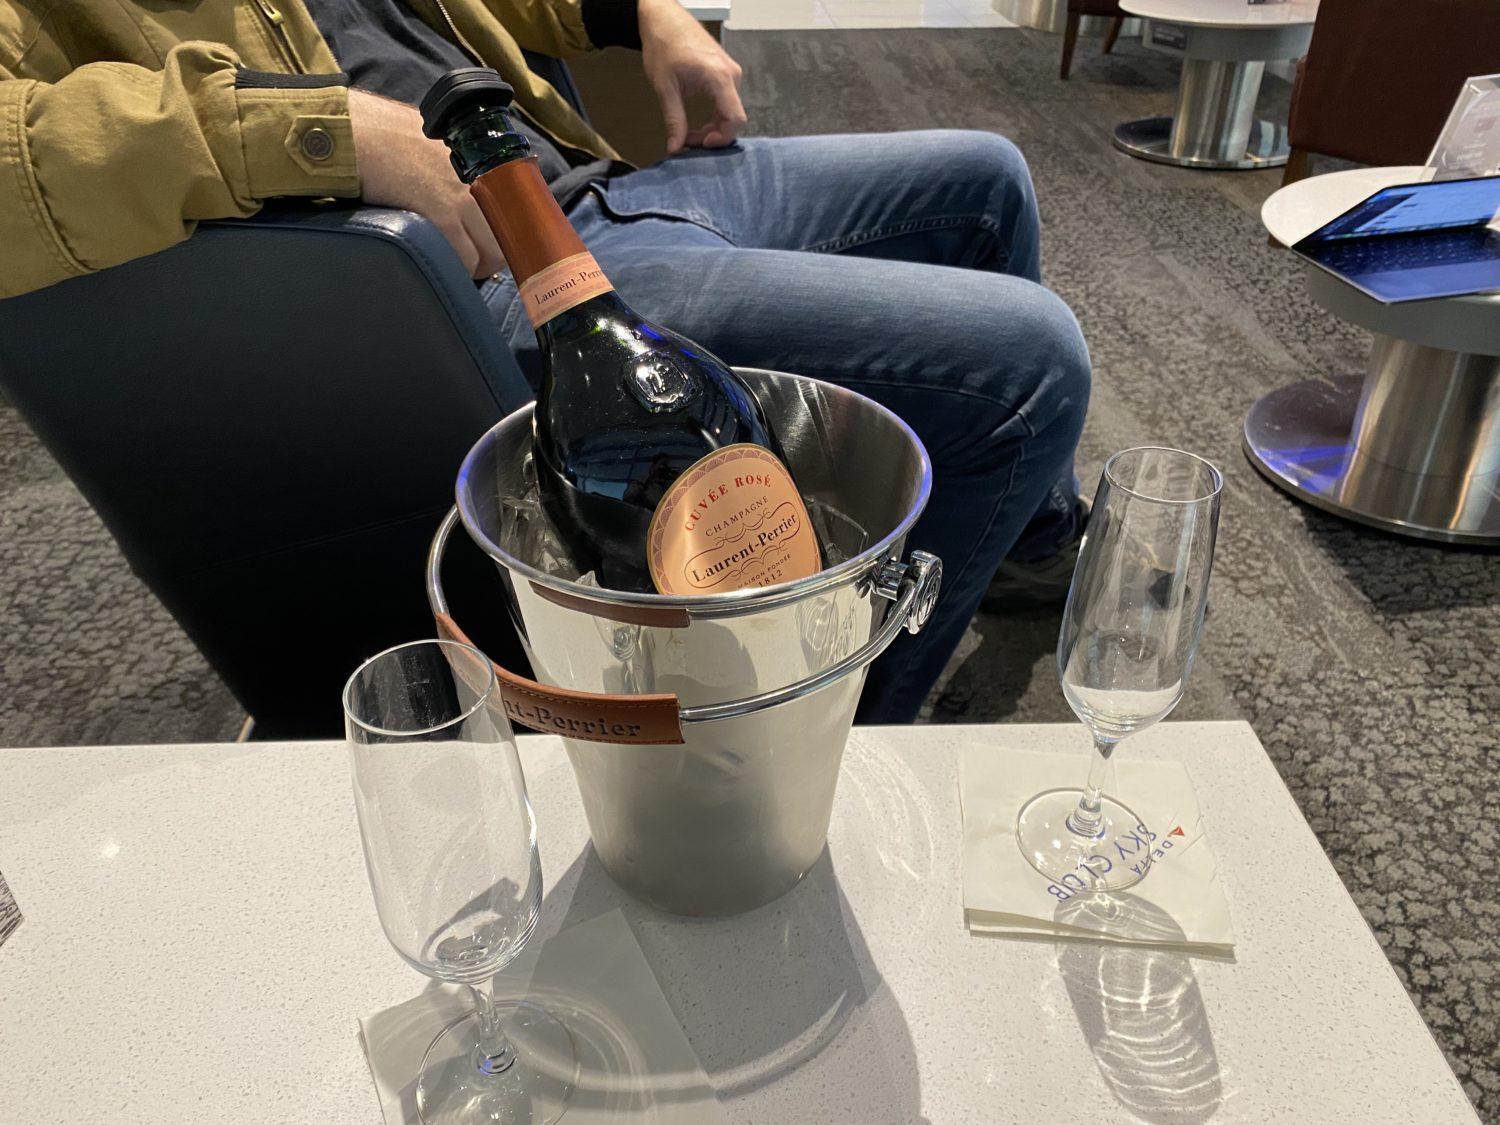 delta sky club champagne devaluation